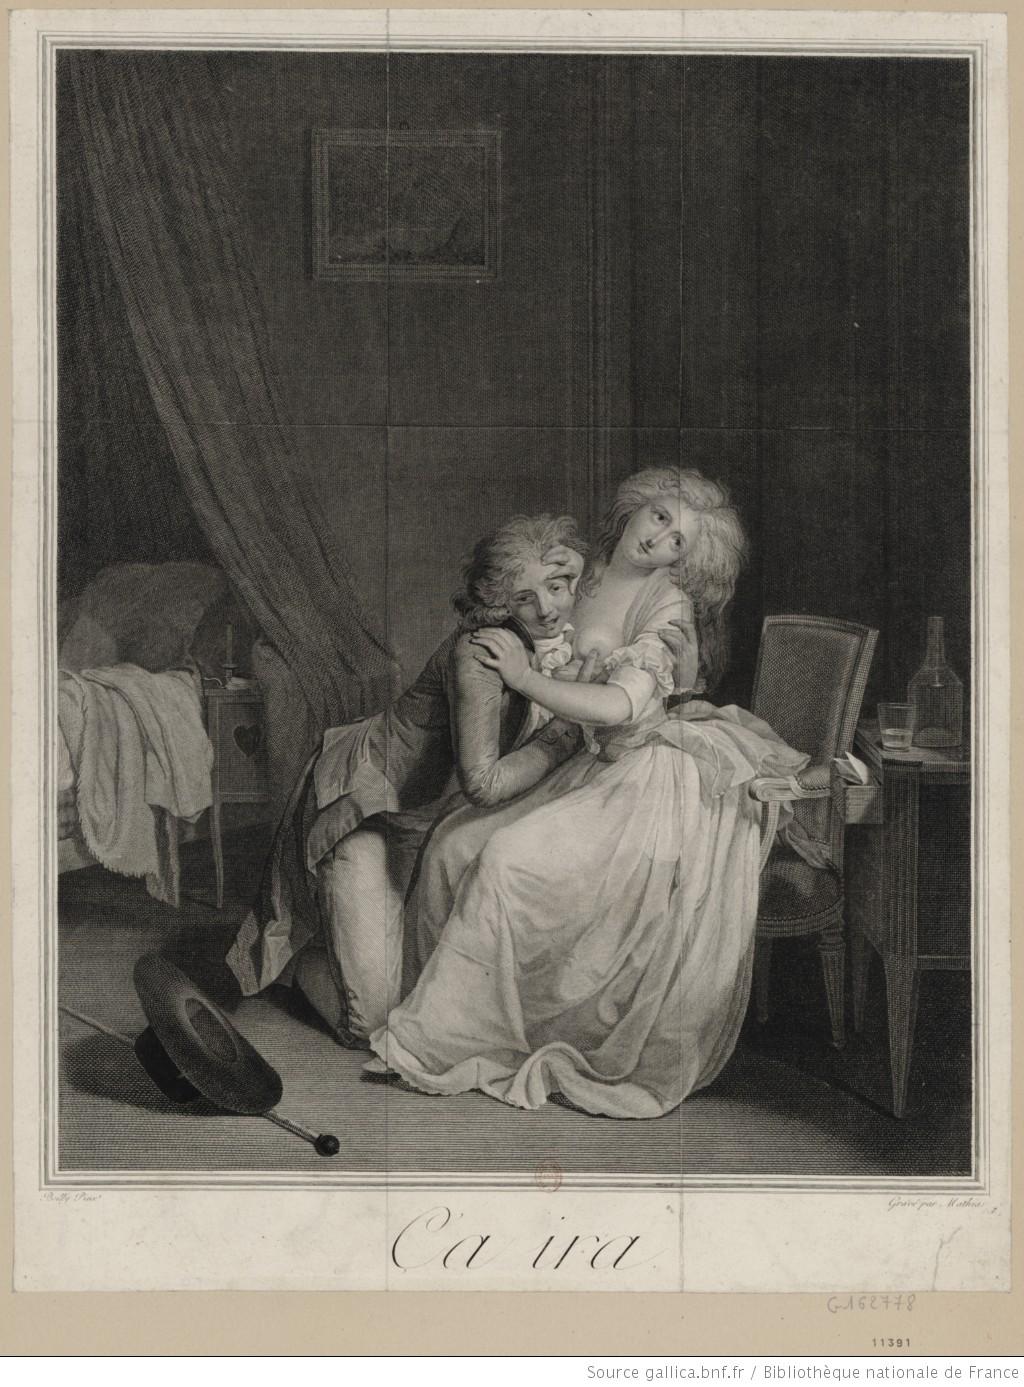 Boilly 1792 ca Ca ira gravure Mathias Gallica